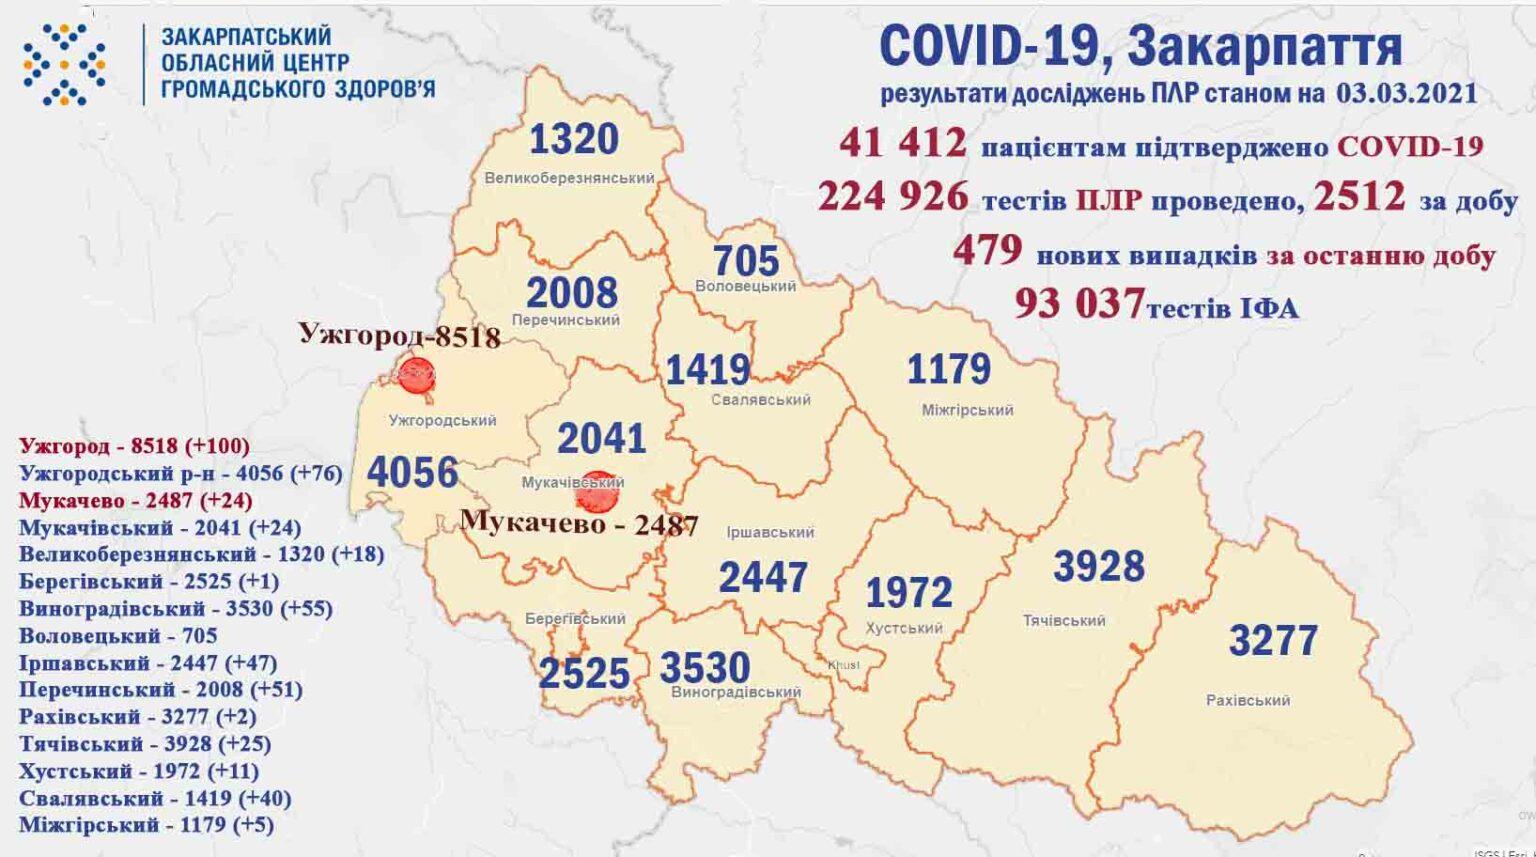 Протягом доби на Закарпатті виявили 479 нових випадків коронавірусної інфекції